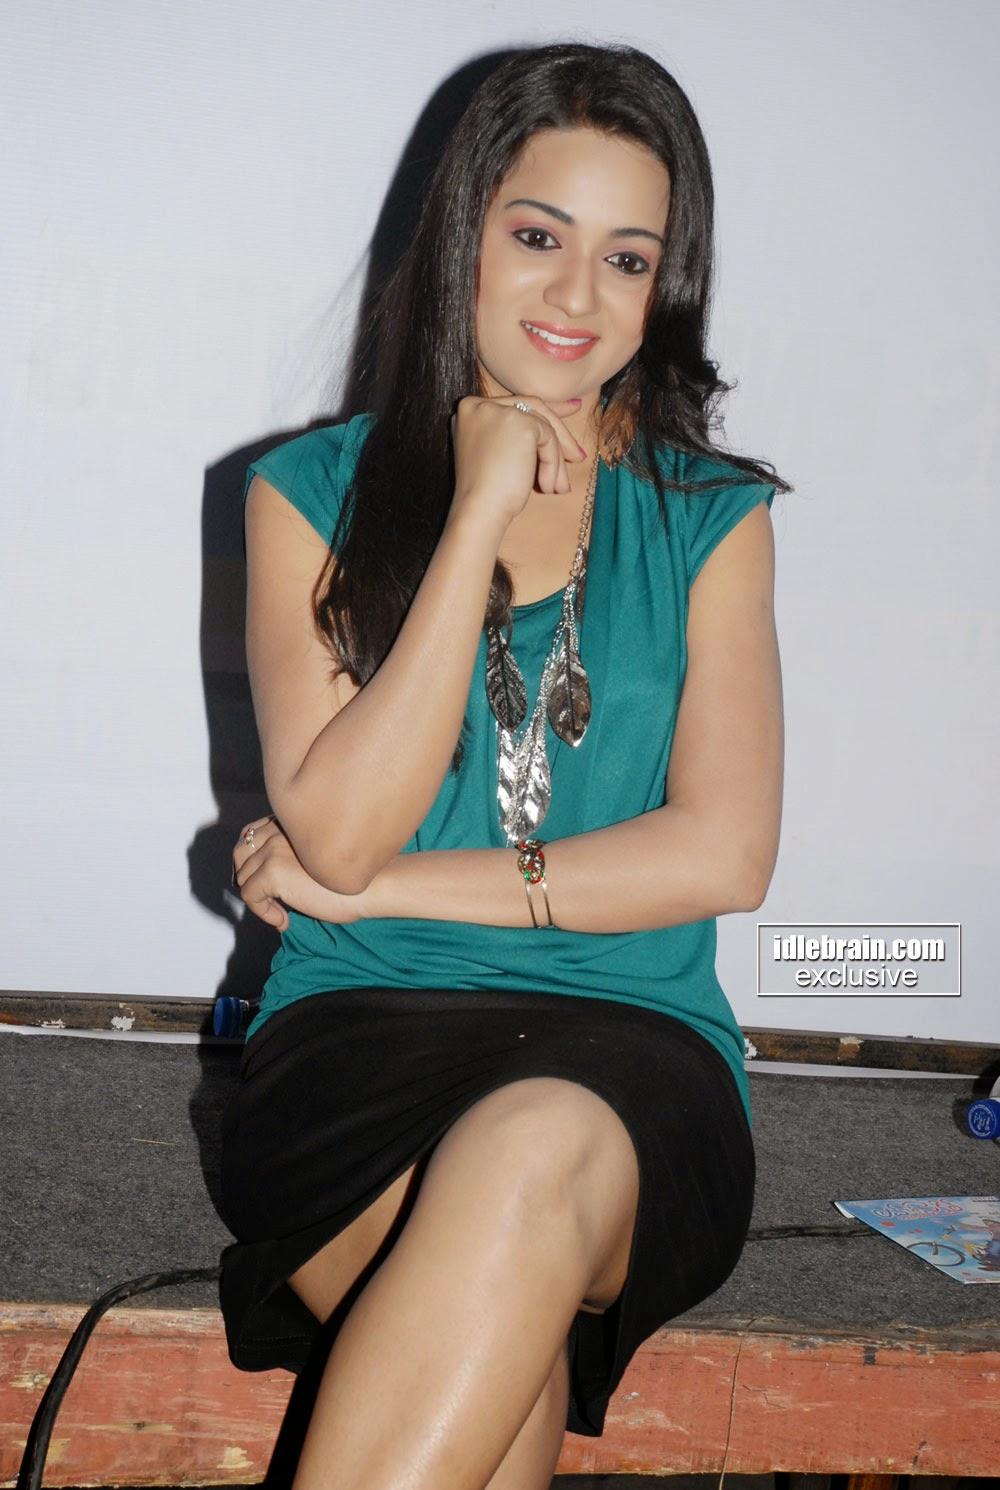 reshma super legs